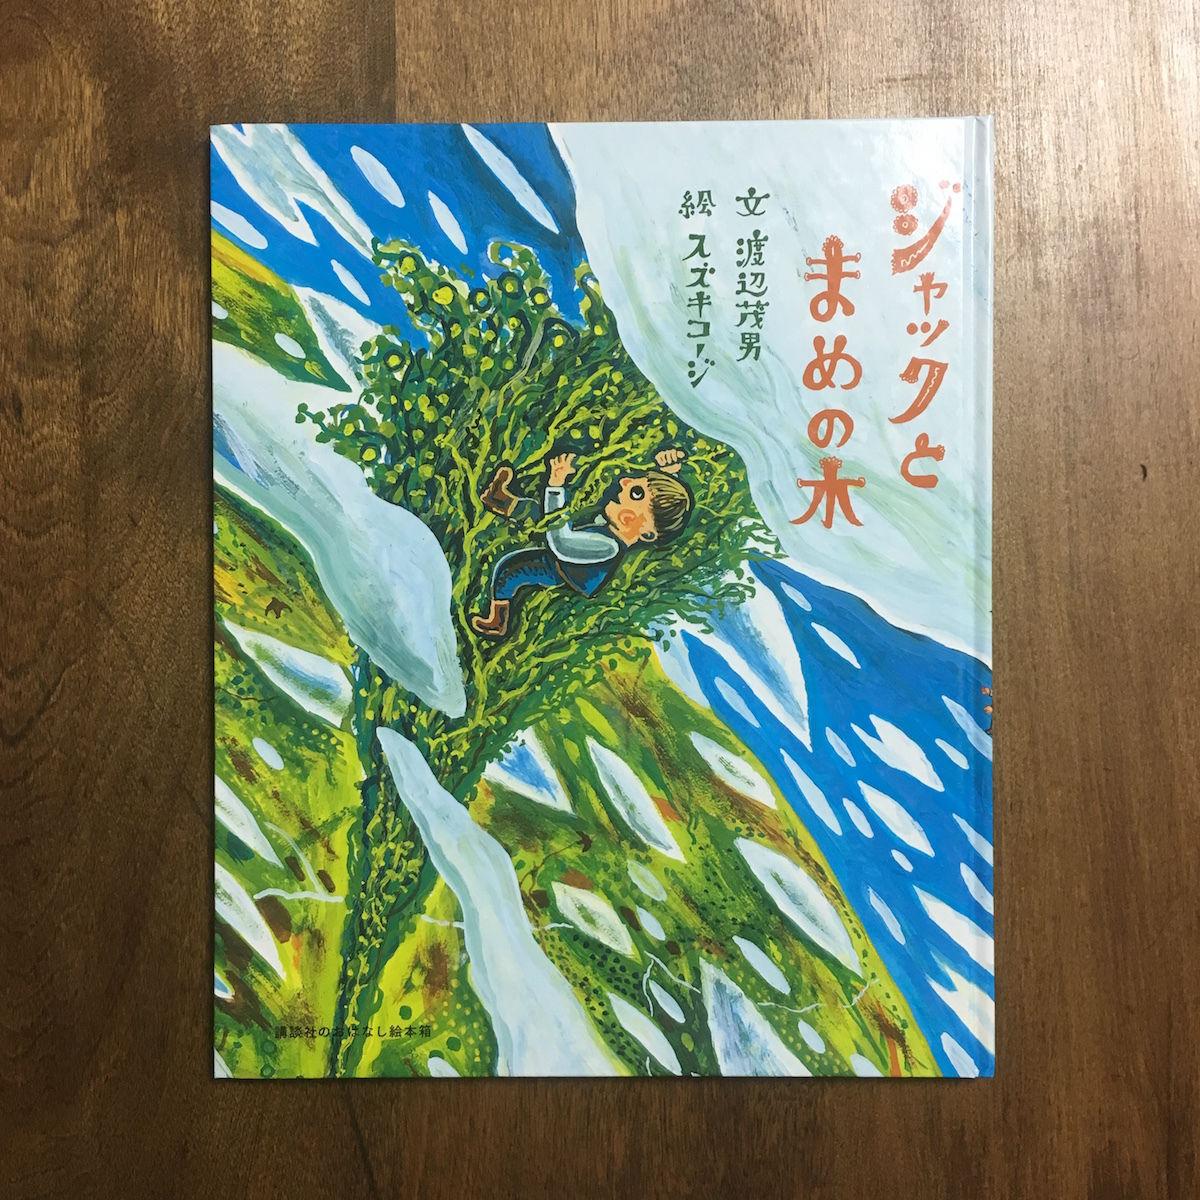 「ジャックとまめの木」渡辺茂男 文 スズキコージ 絵